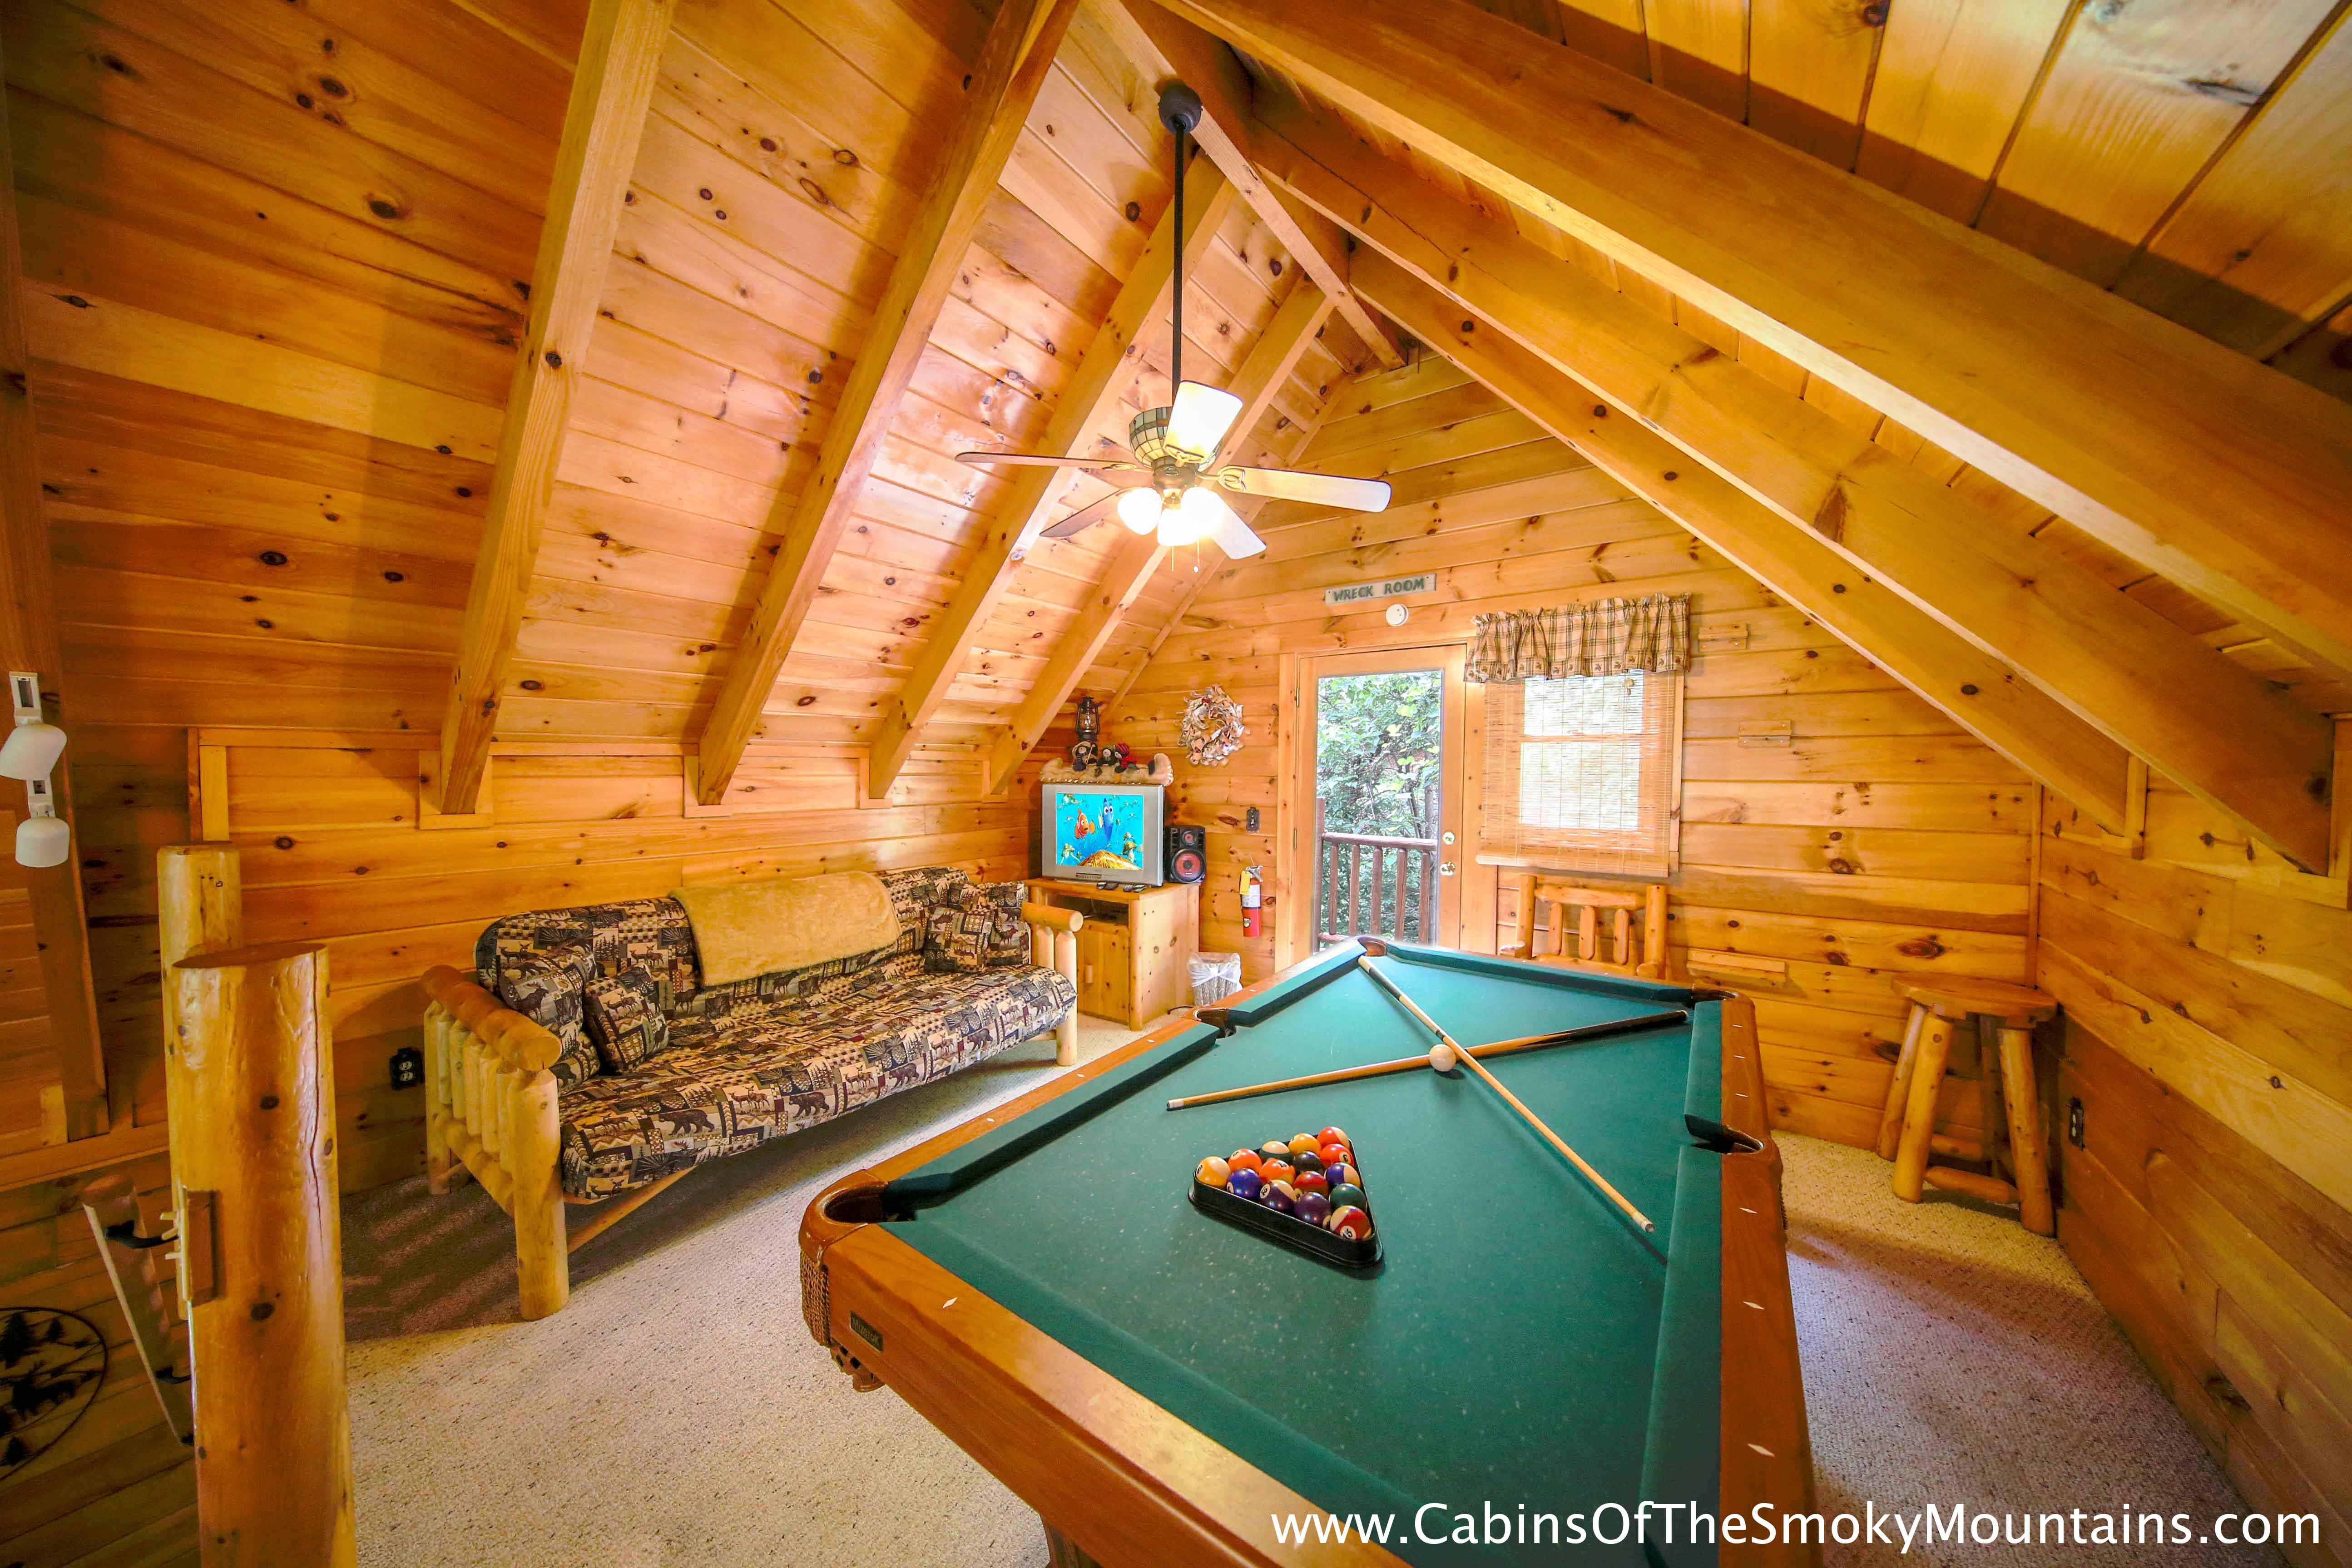 Gatlinburg One Bedroom Cabin With Indoor Pool Home Design